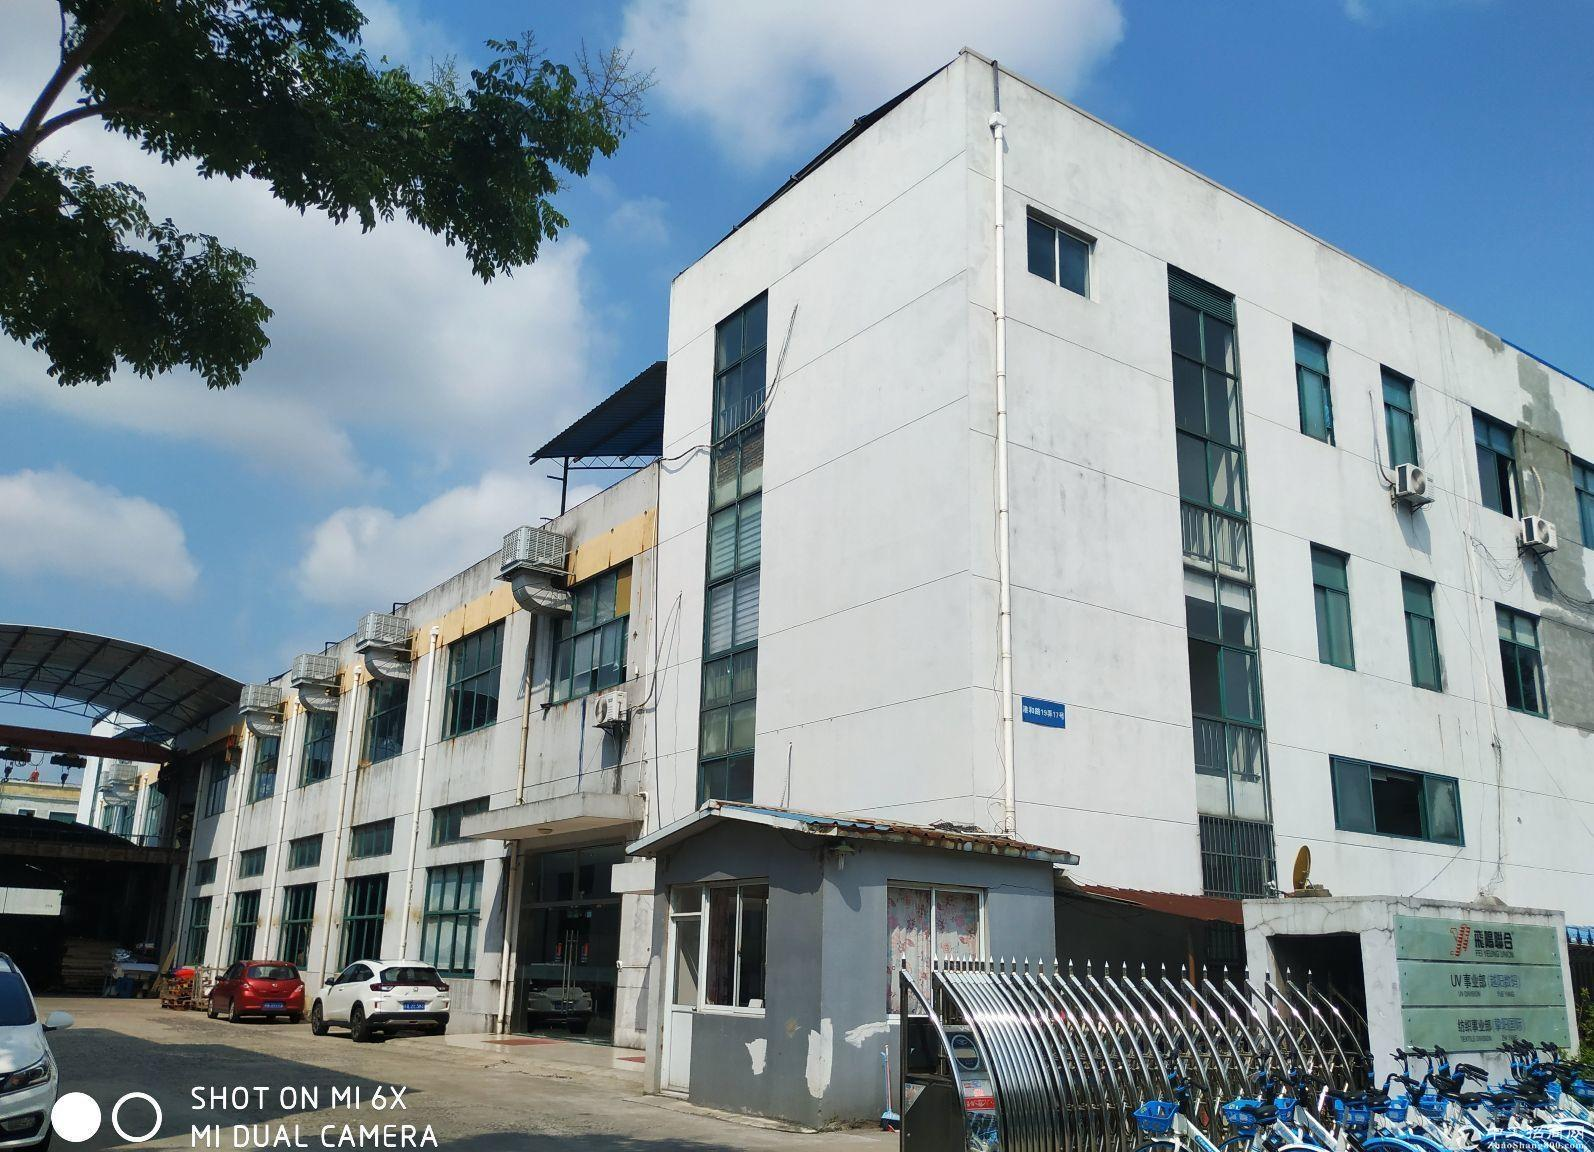 104地块奉贤西渡厂房2430平租金1.1元一楼全单层-图2